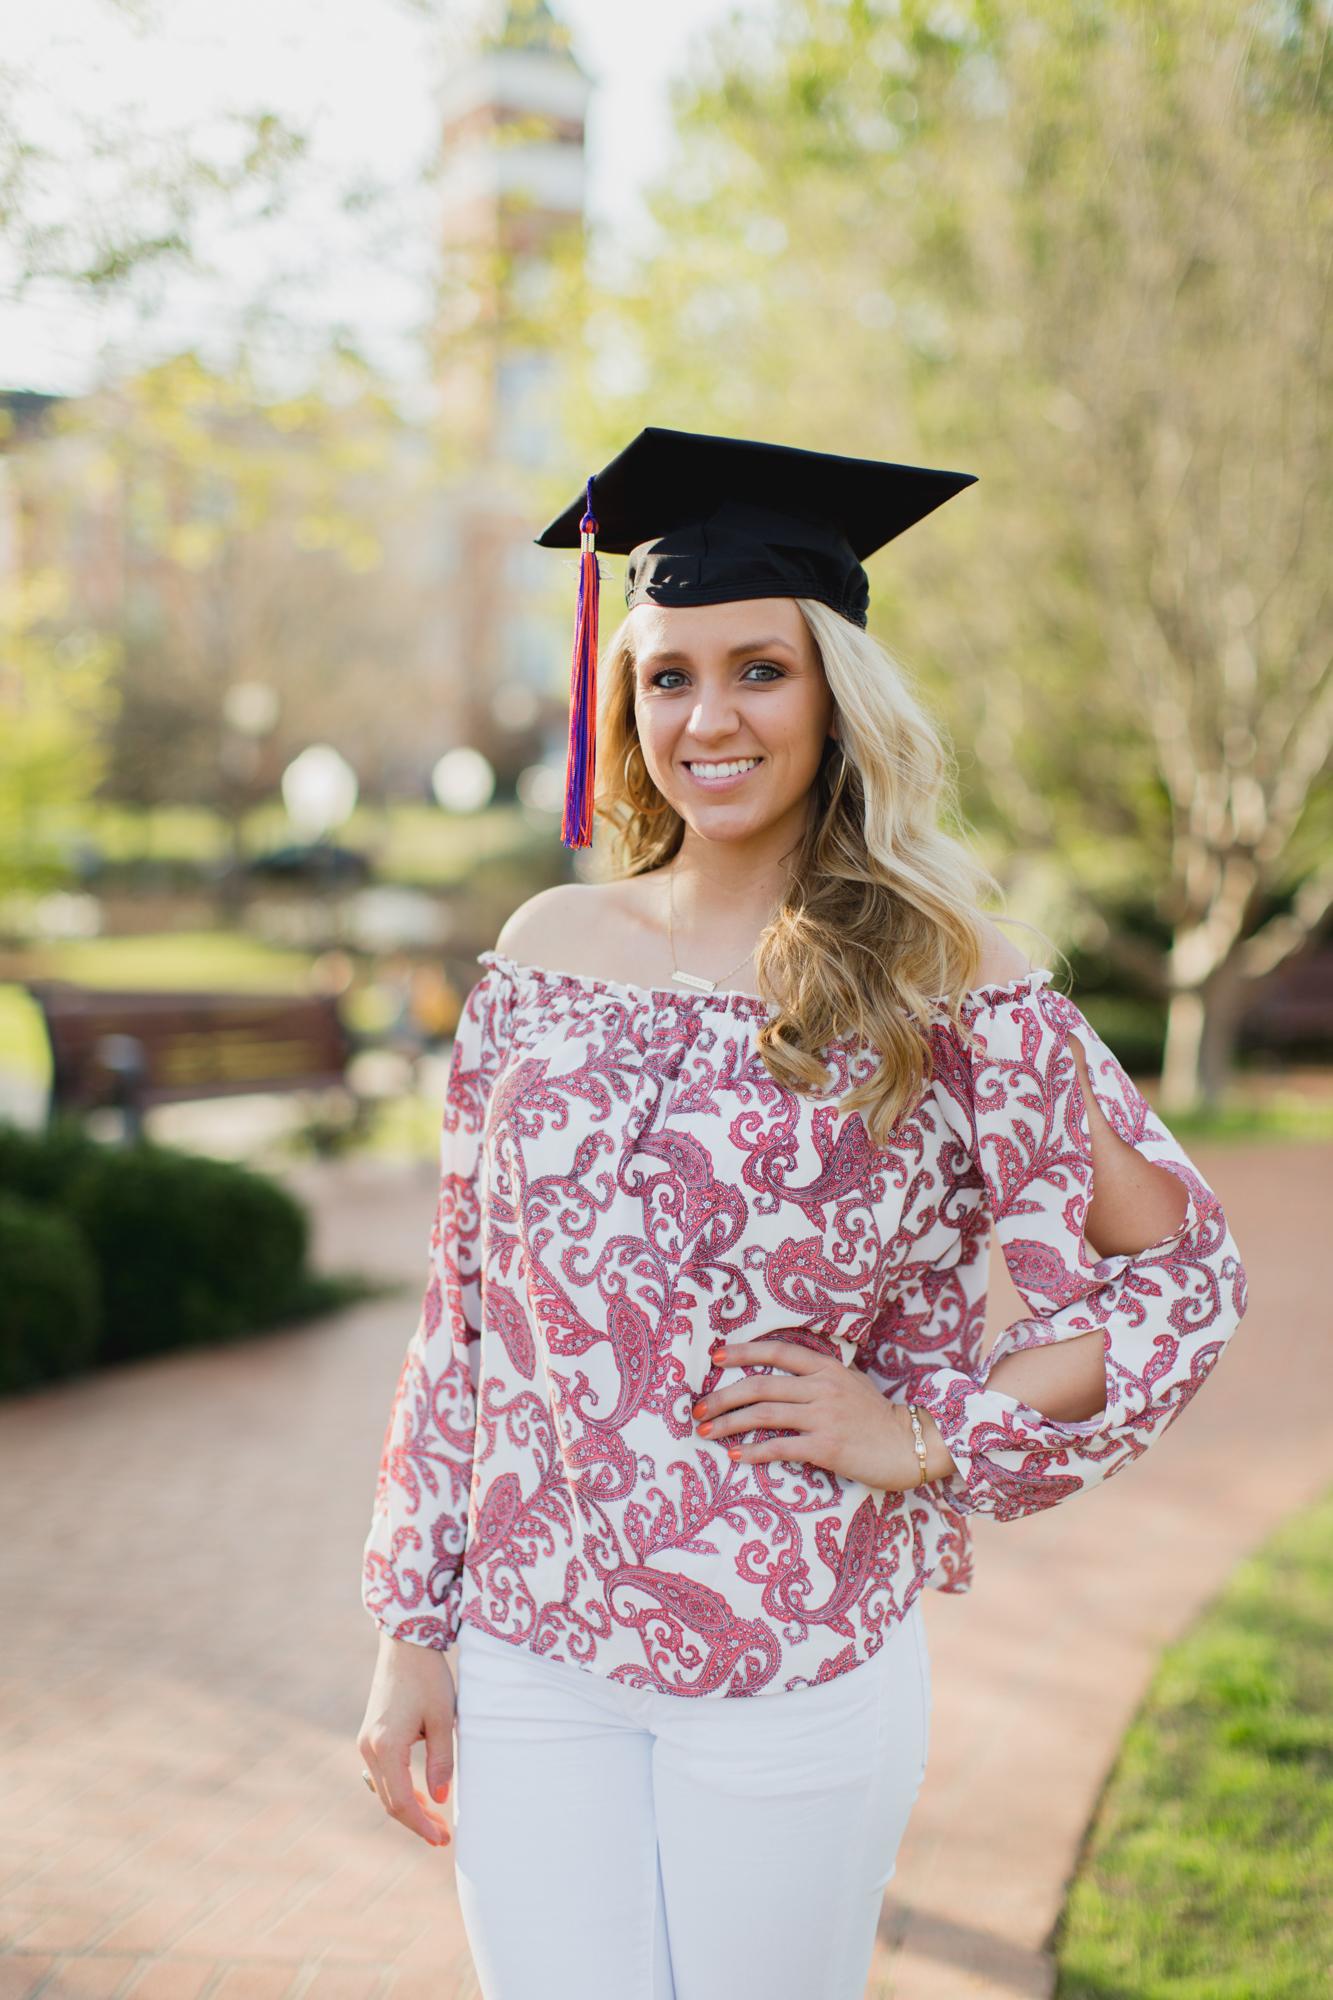 Lauren_Duncan-Clemson University Senior-5045.jpg